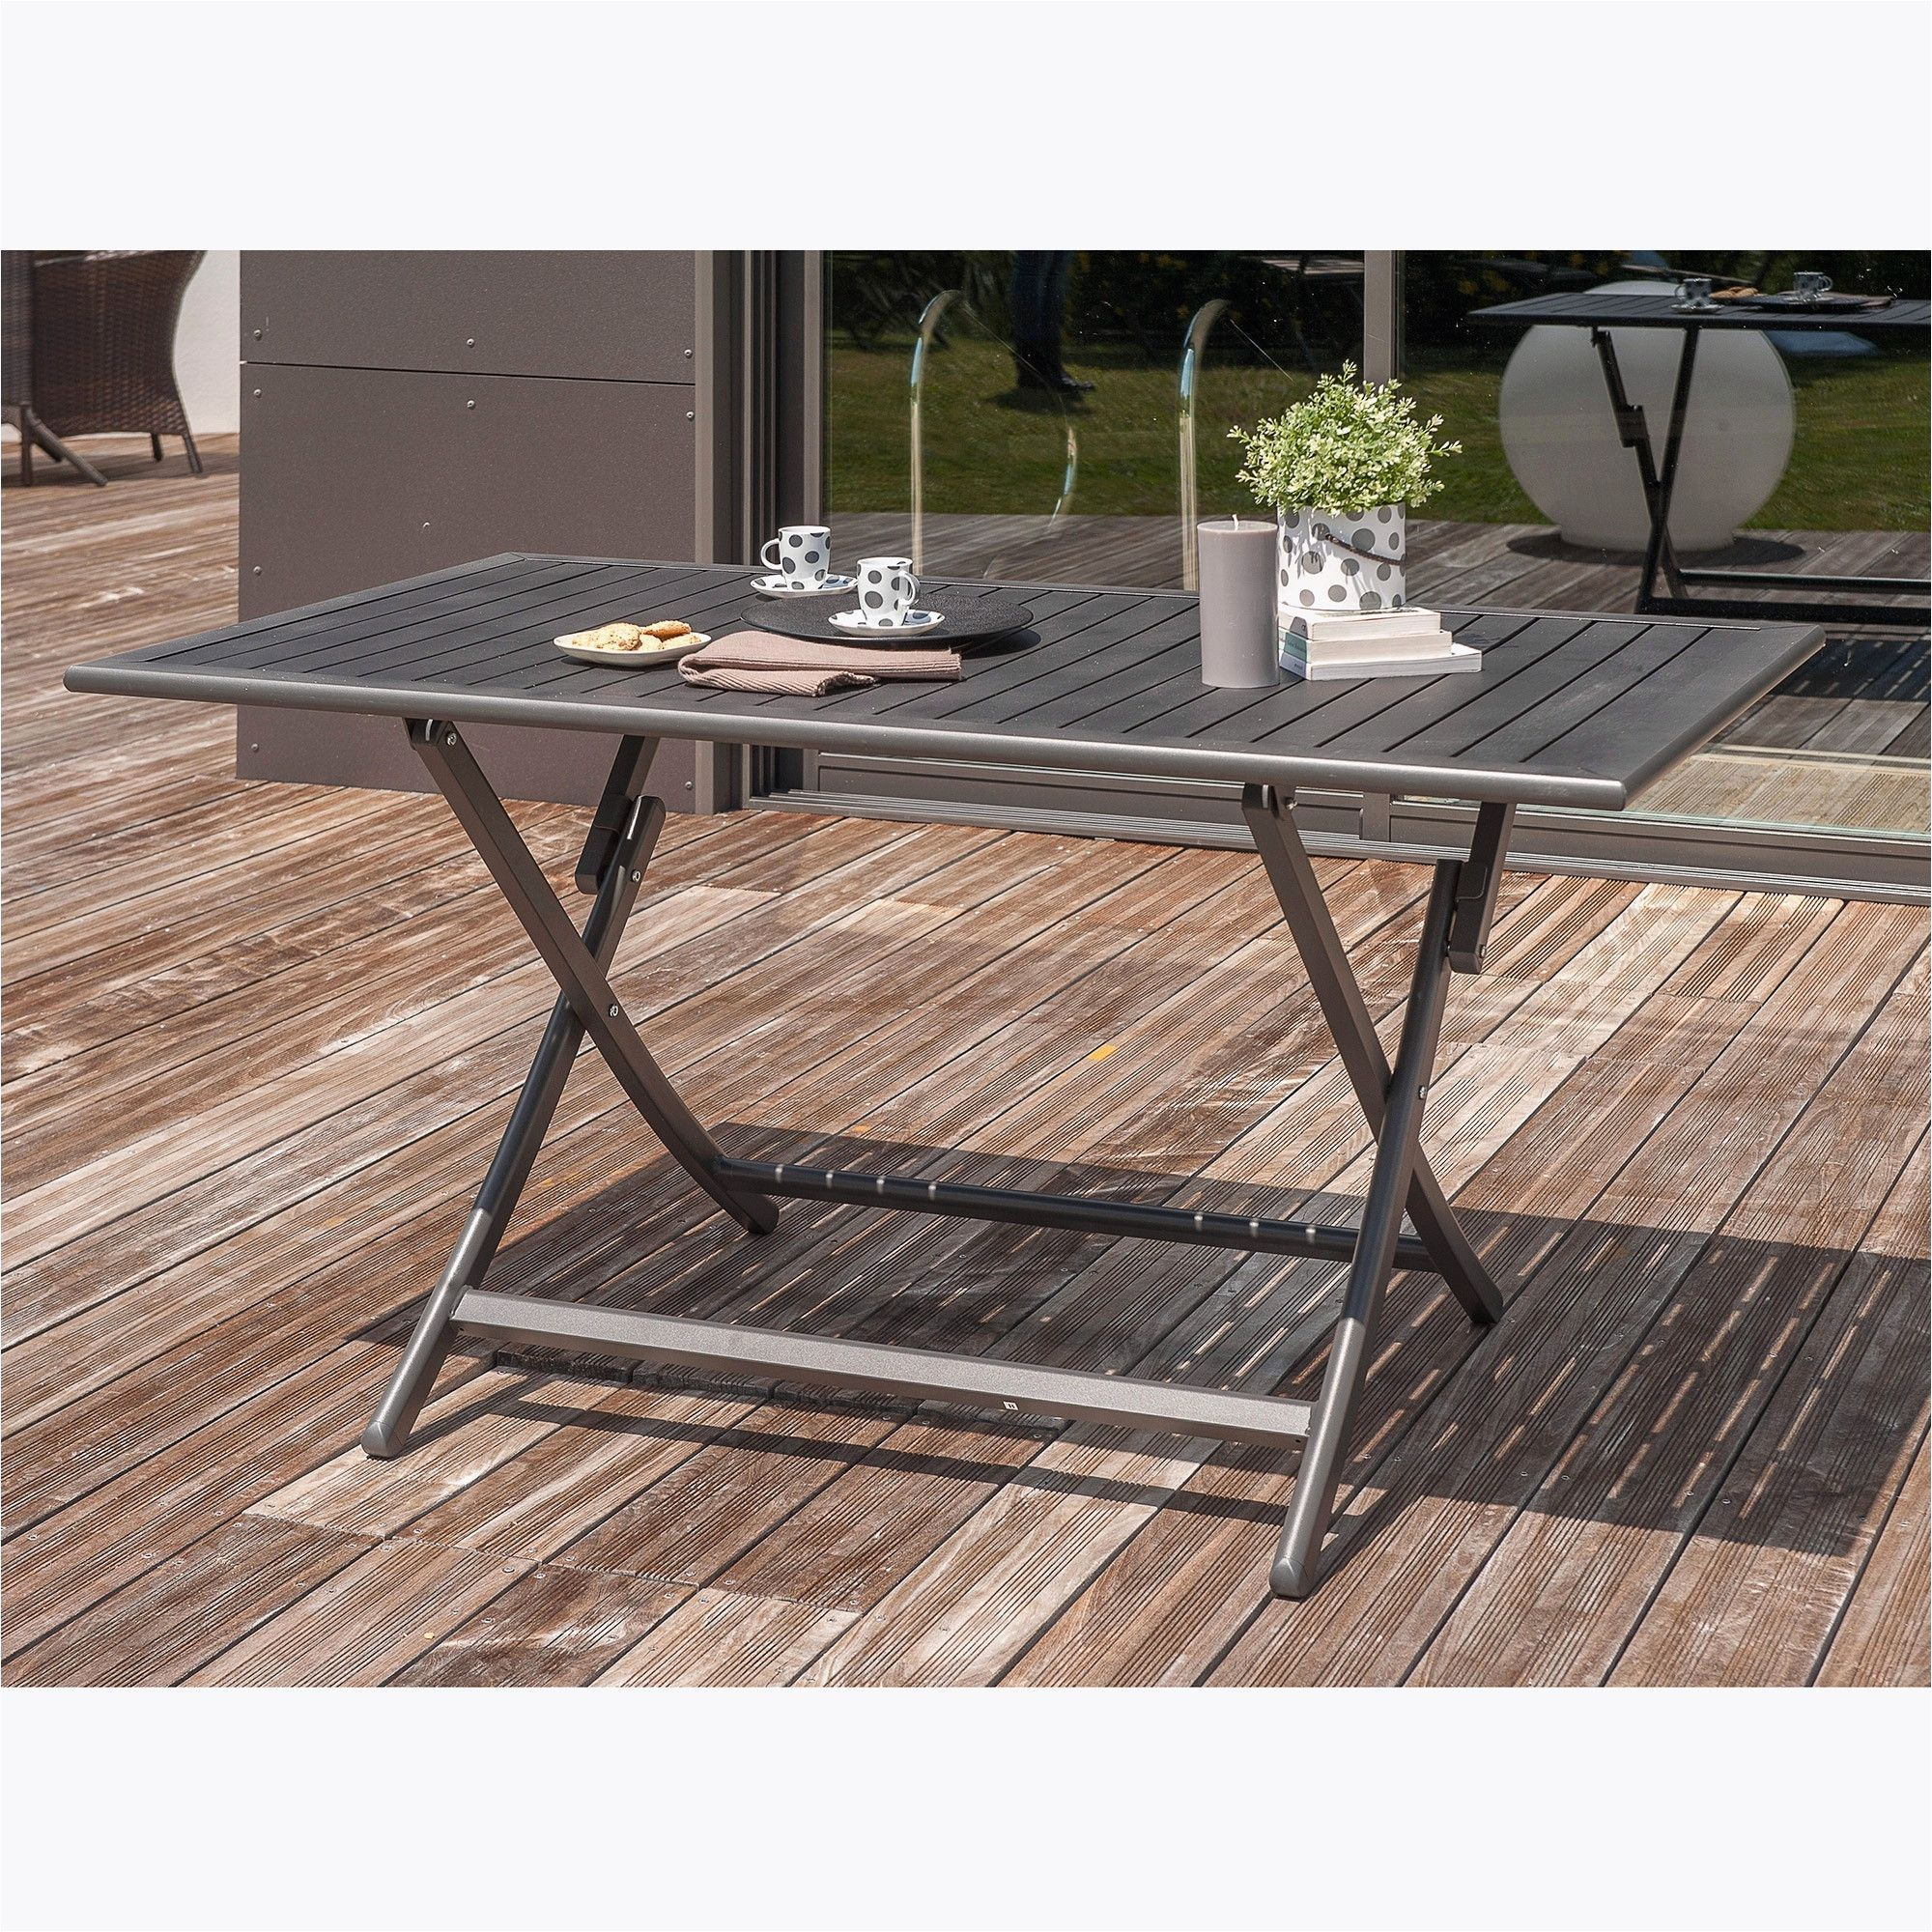 Table Pliante Leclerc Beau S Leclerc Table De Jardin ... à Salon Jardin Pas Cher Leclerc